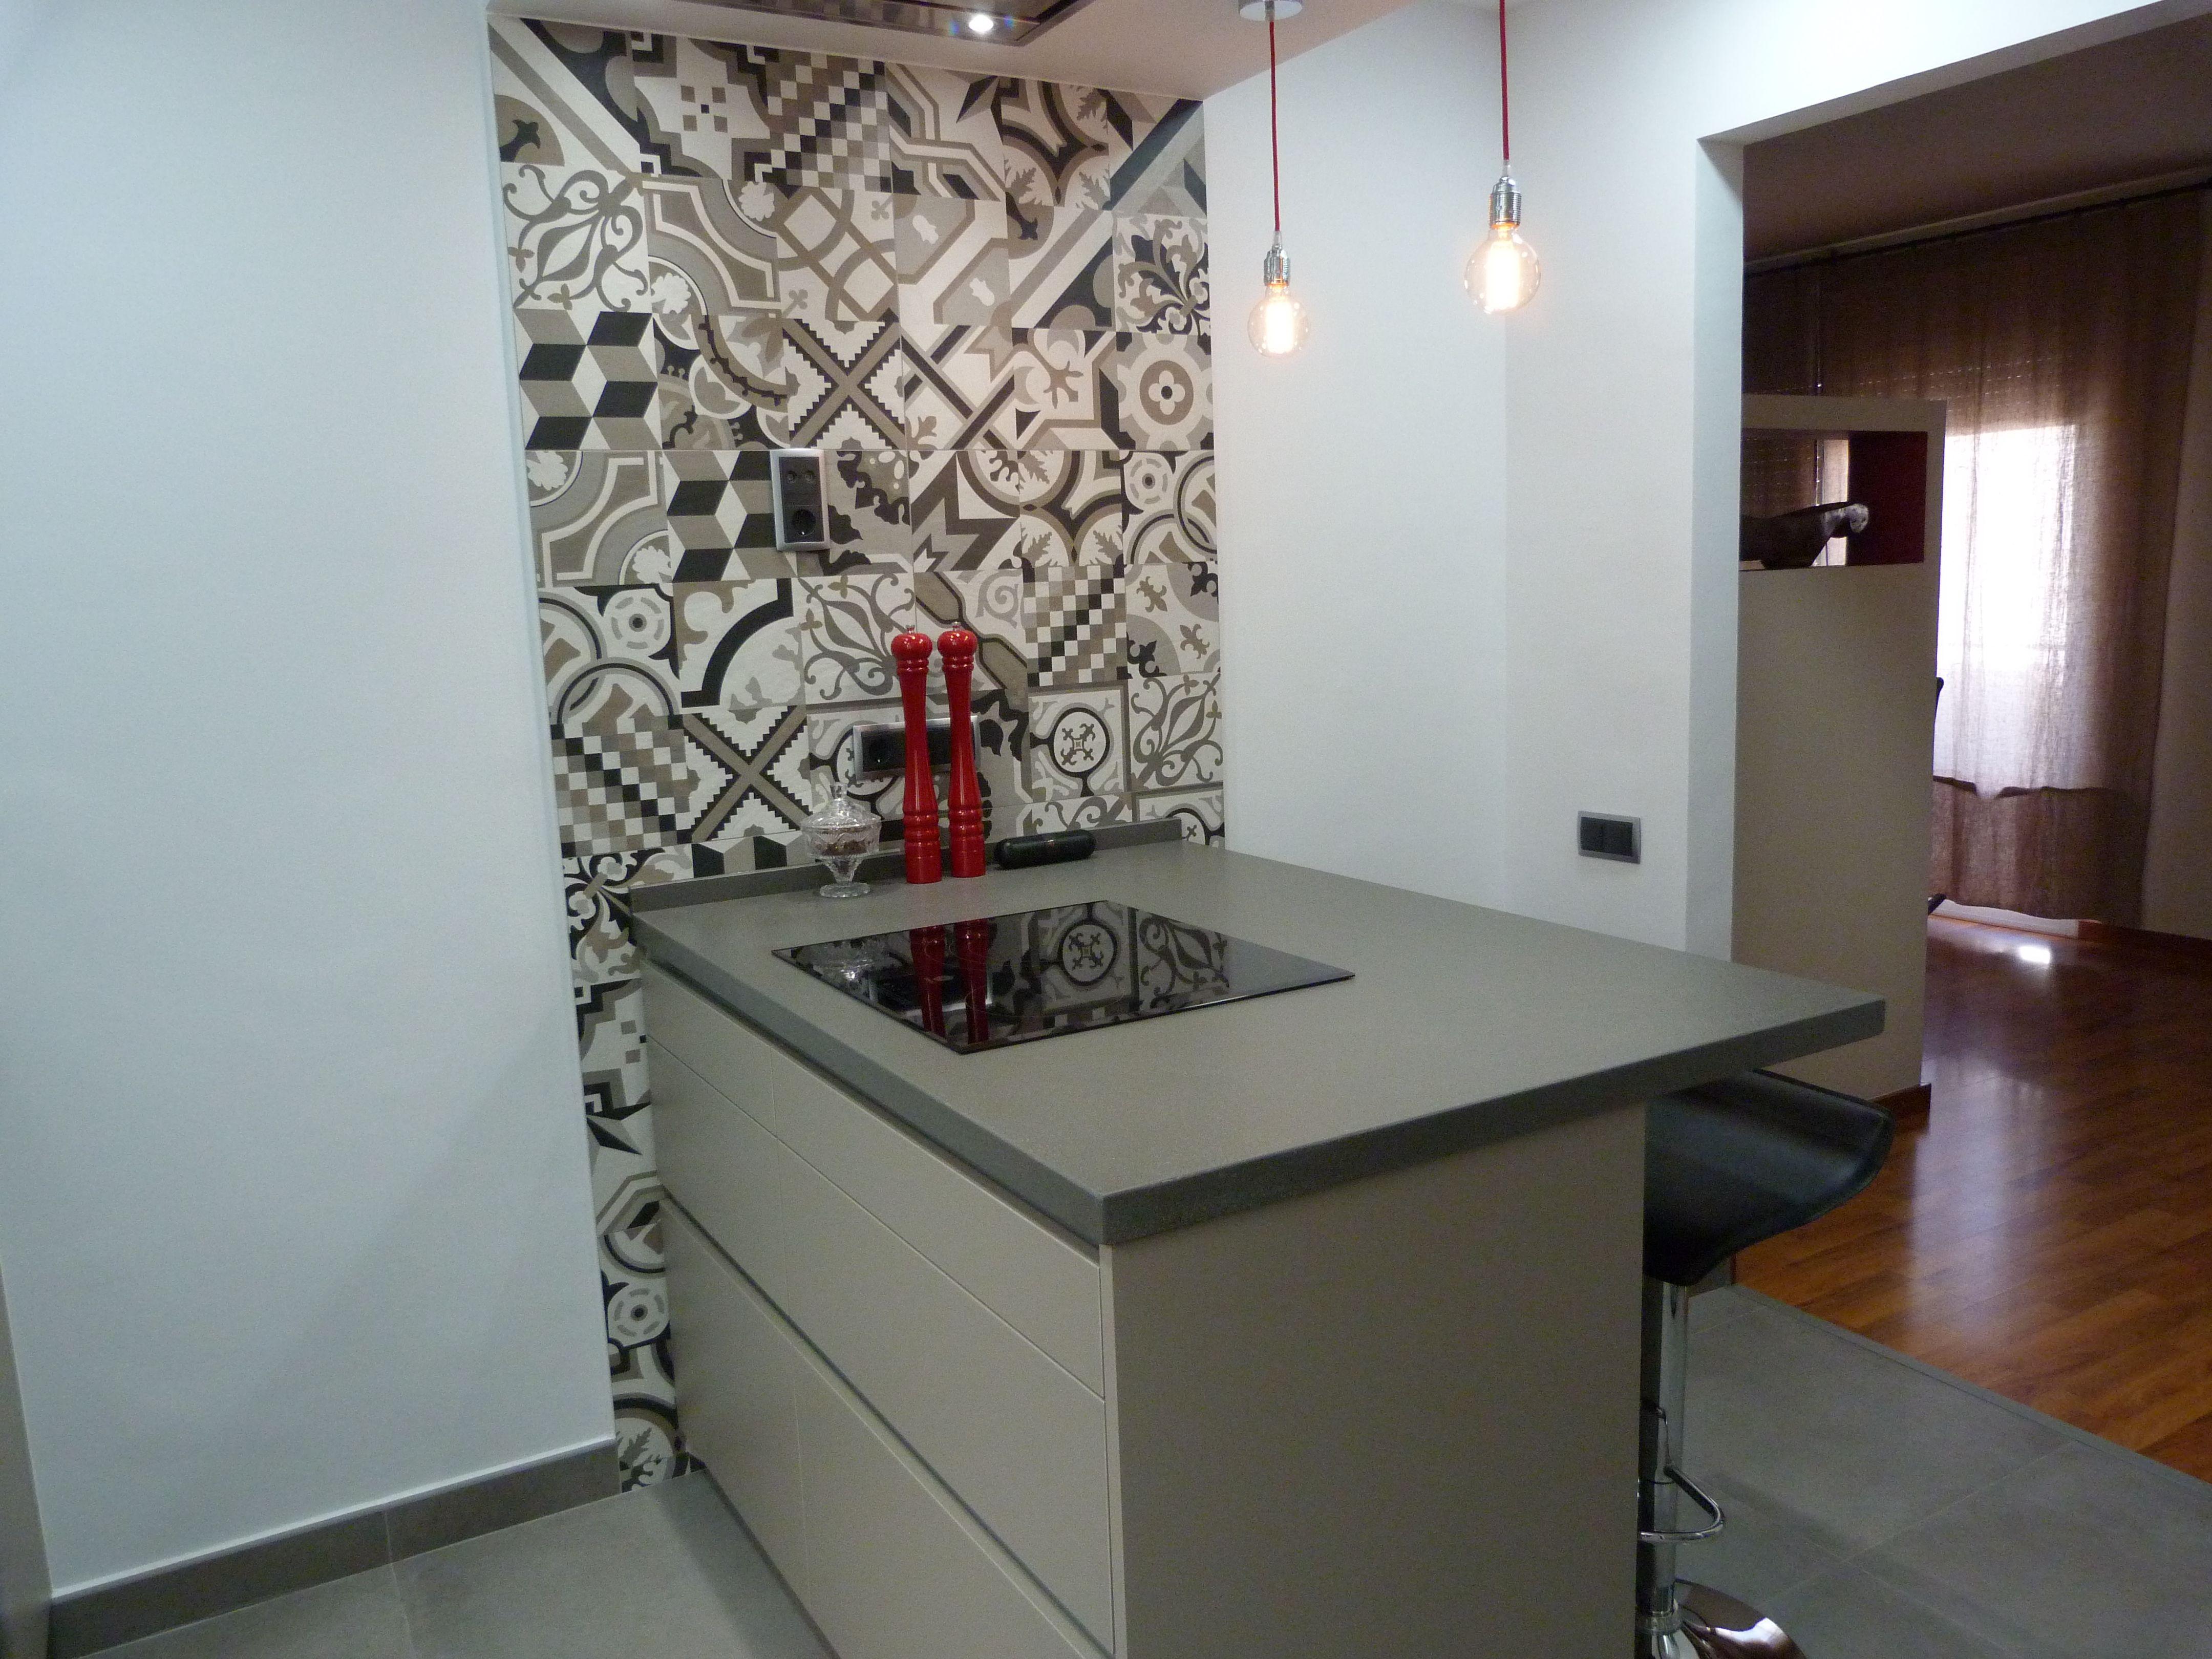 Reforma cocina con mobiliario santos modelo line gris - Gris expo silestone ...